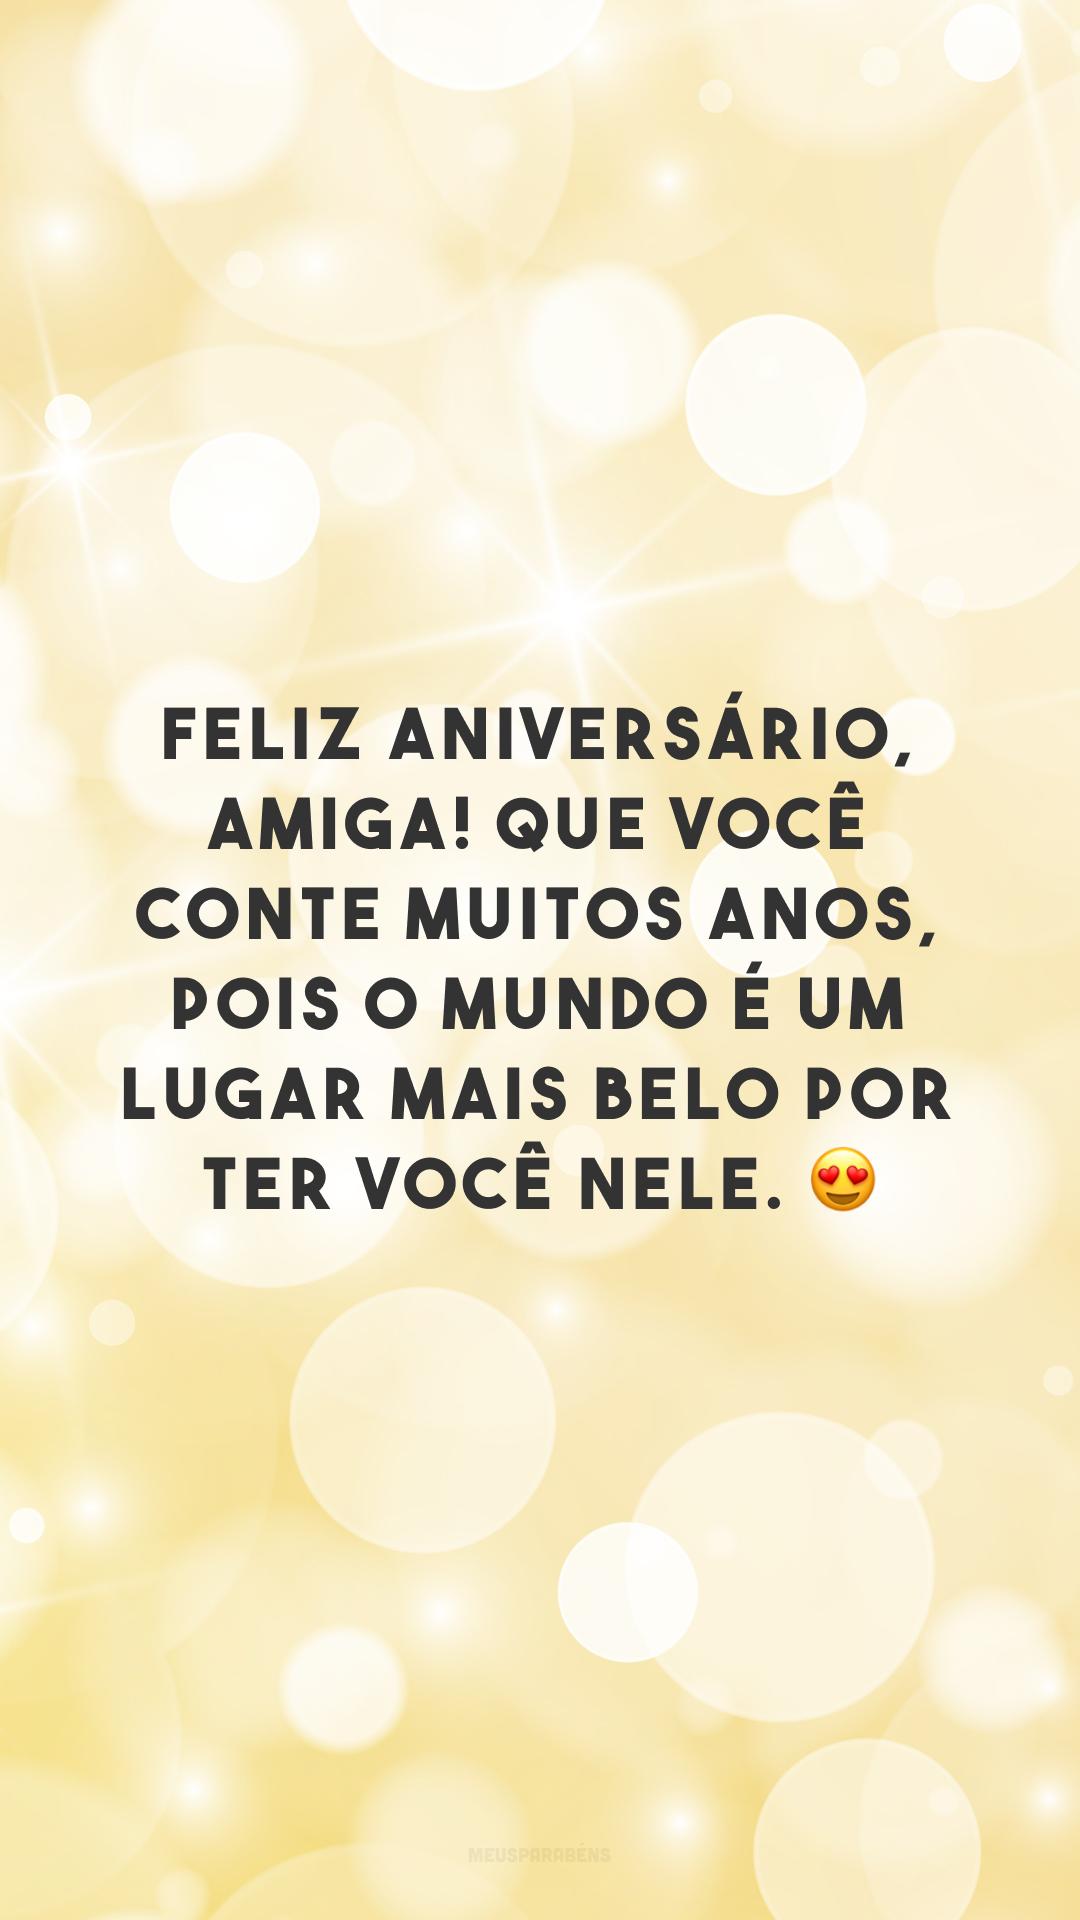 Feliz aniversário, amiga! Que você conte muitos anos, pois o mundo é um lugar mais belo por ter você nele. 😍